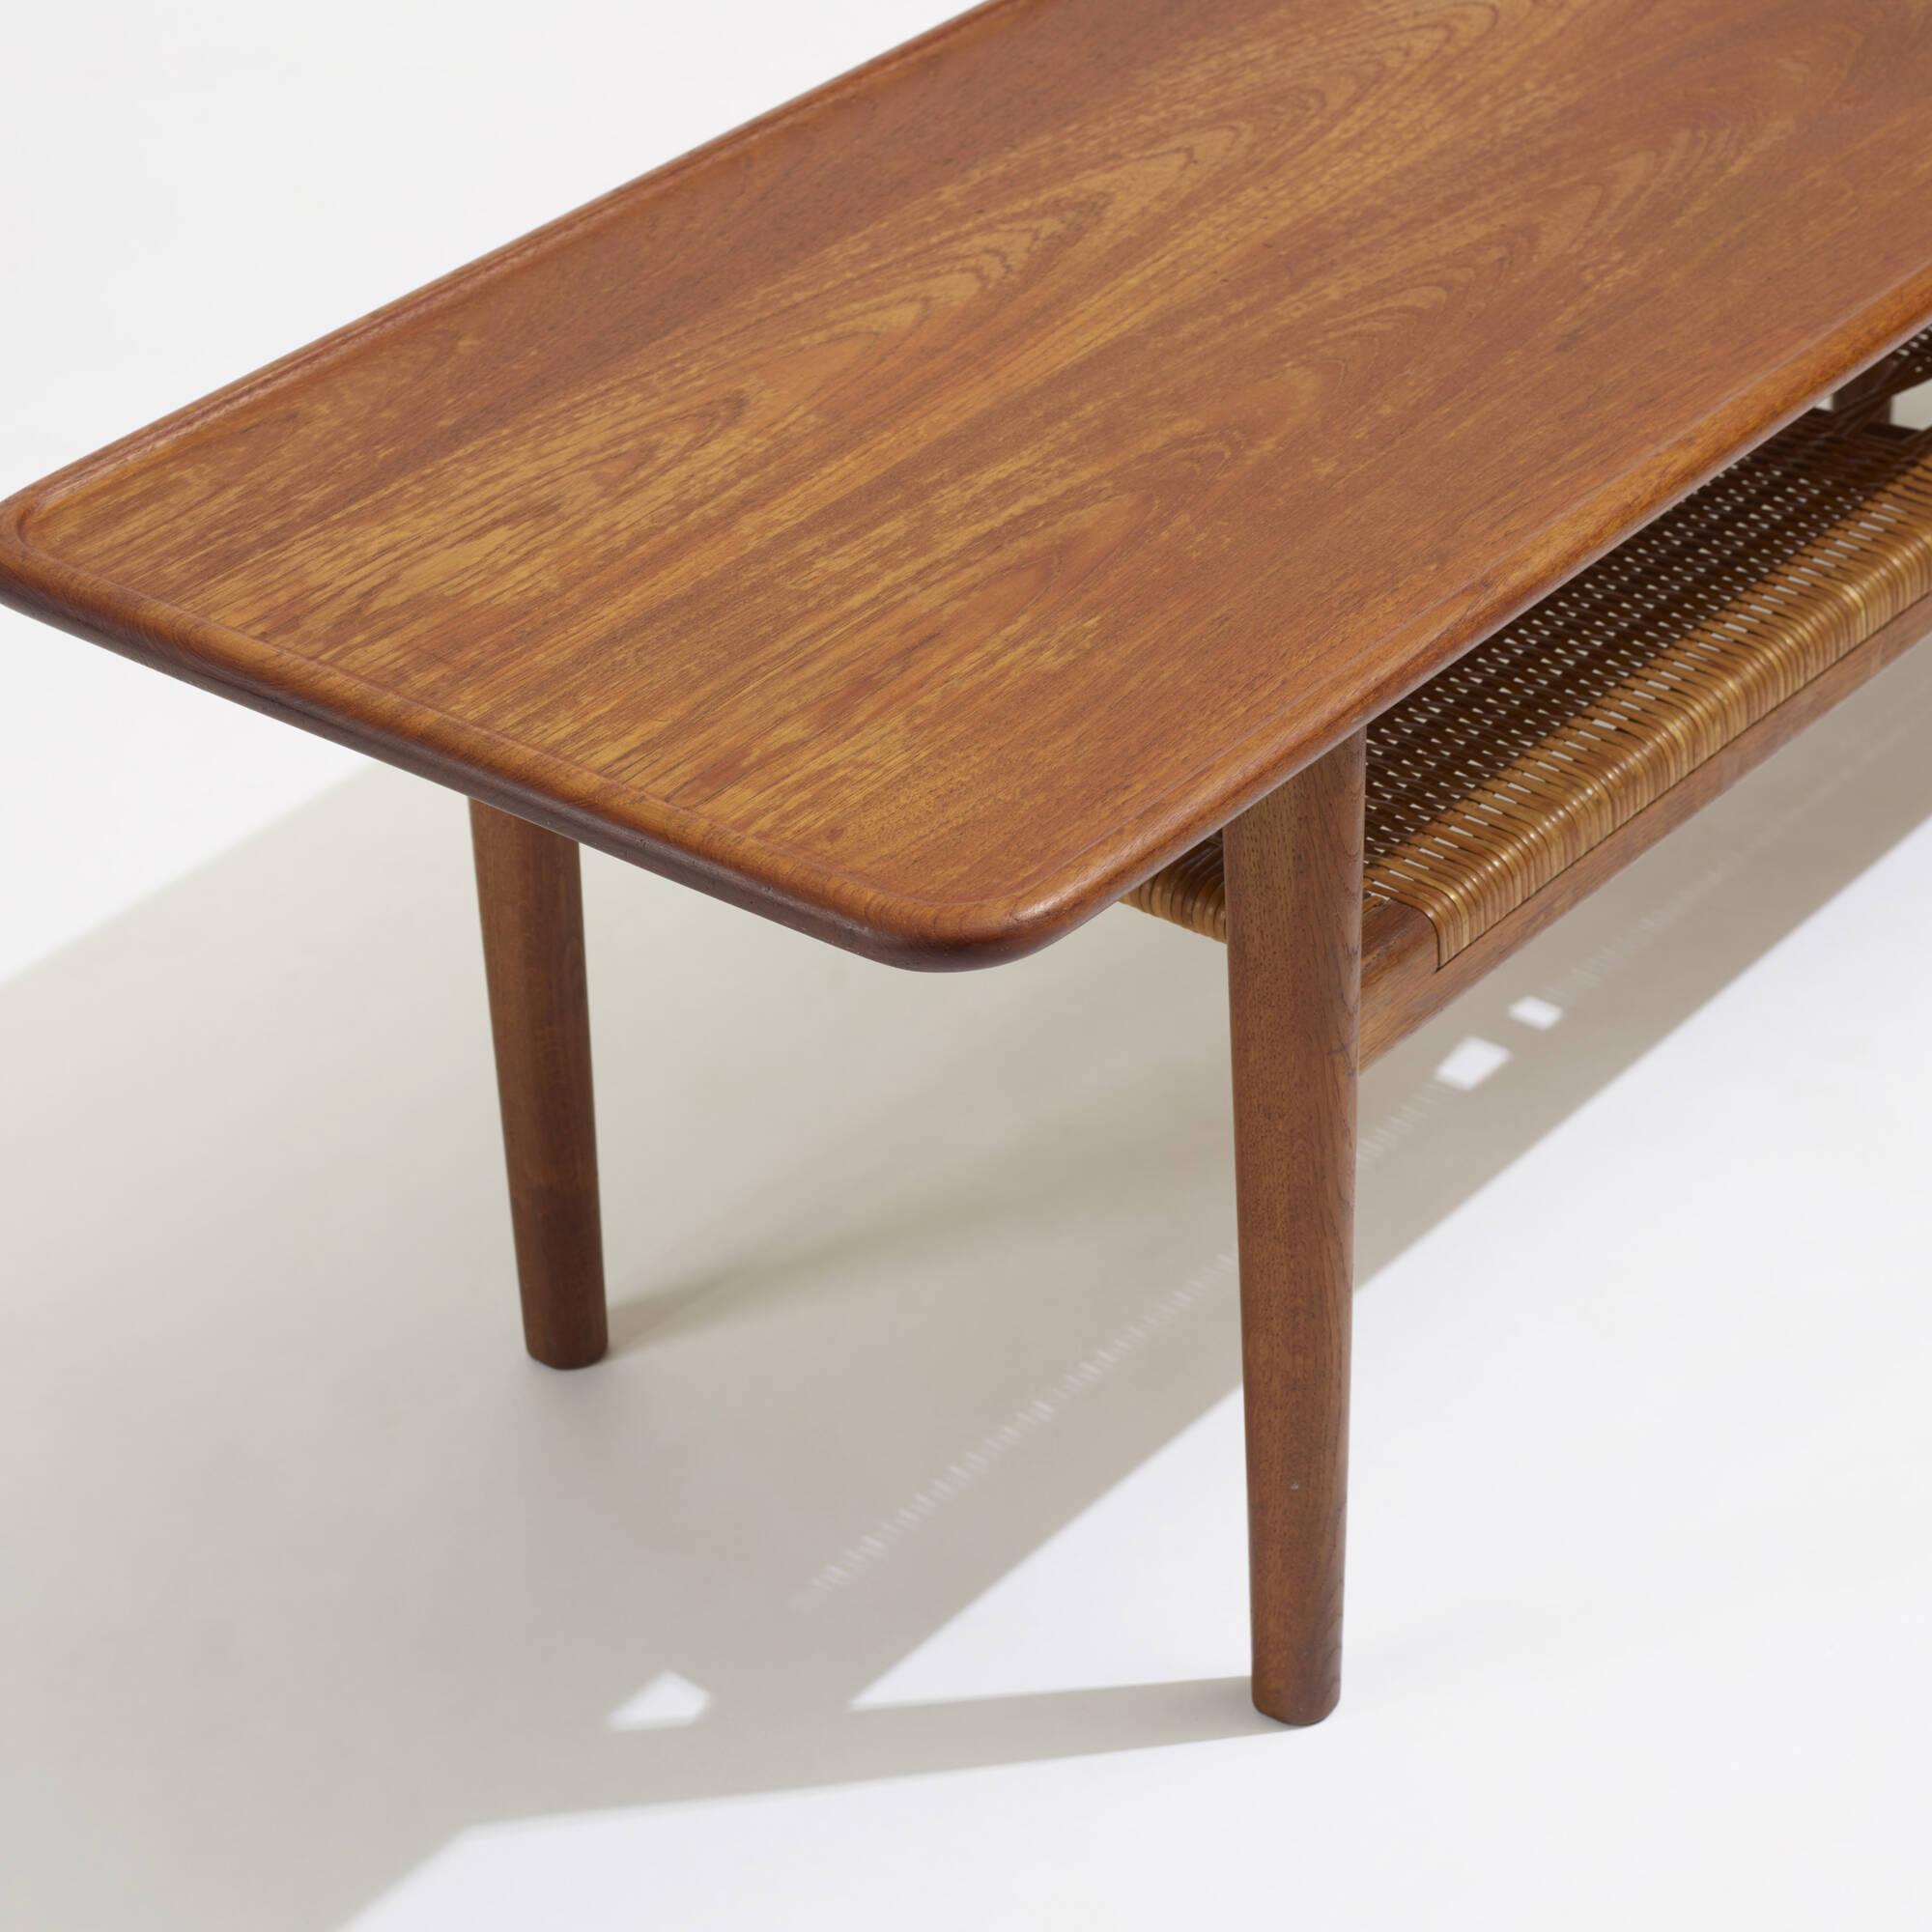 263 Hans J Wegner coffee table model AT 10 Scandinavian